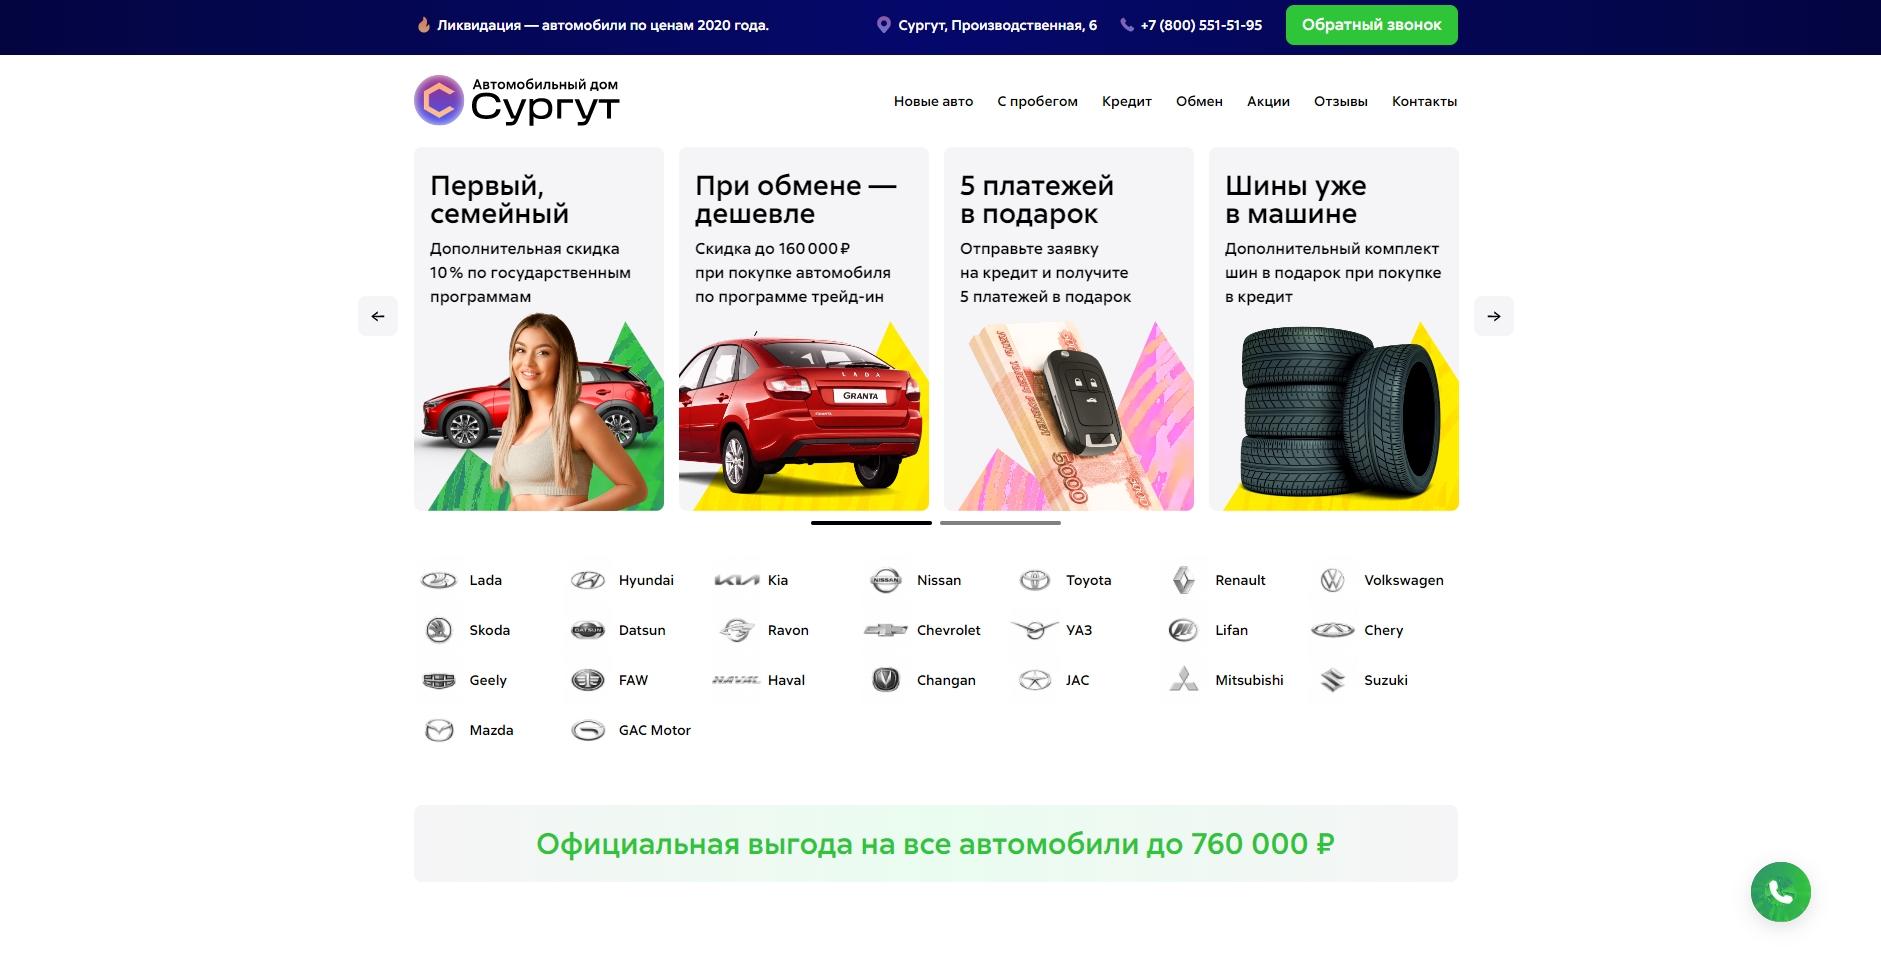 Автосалон Автомобильный Дом Сургут